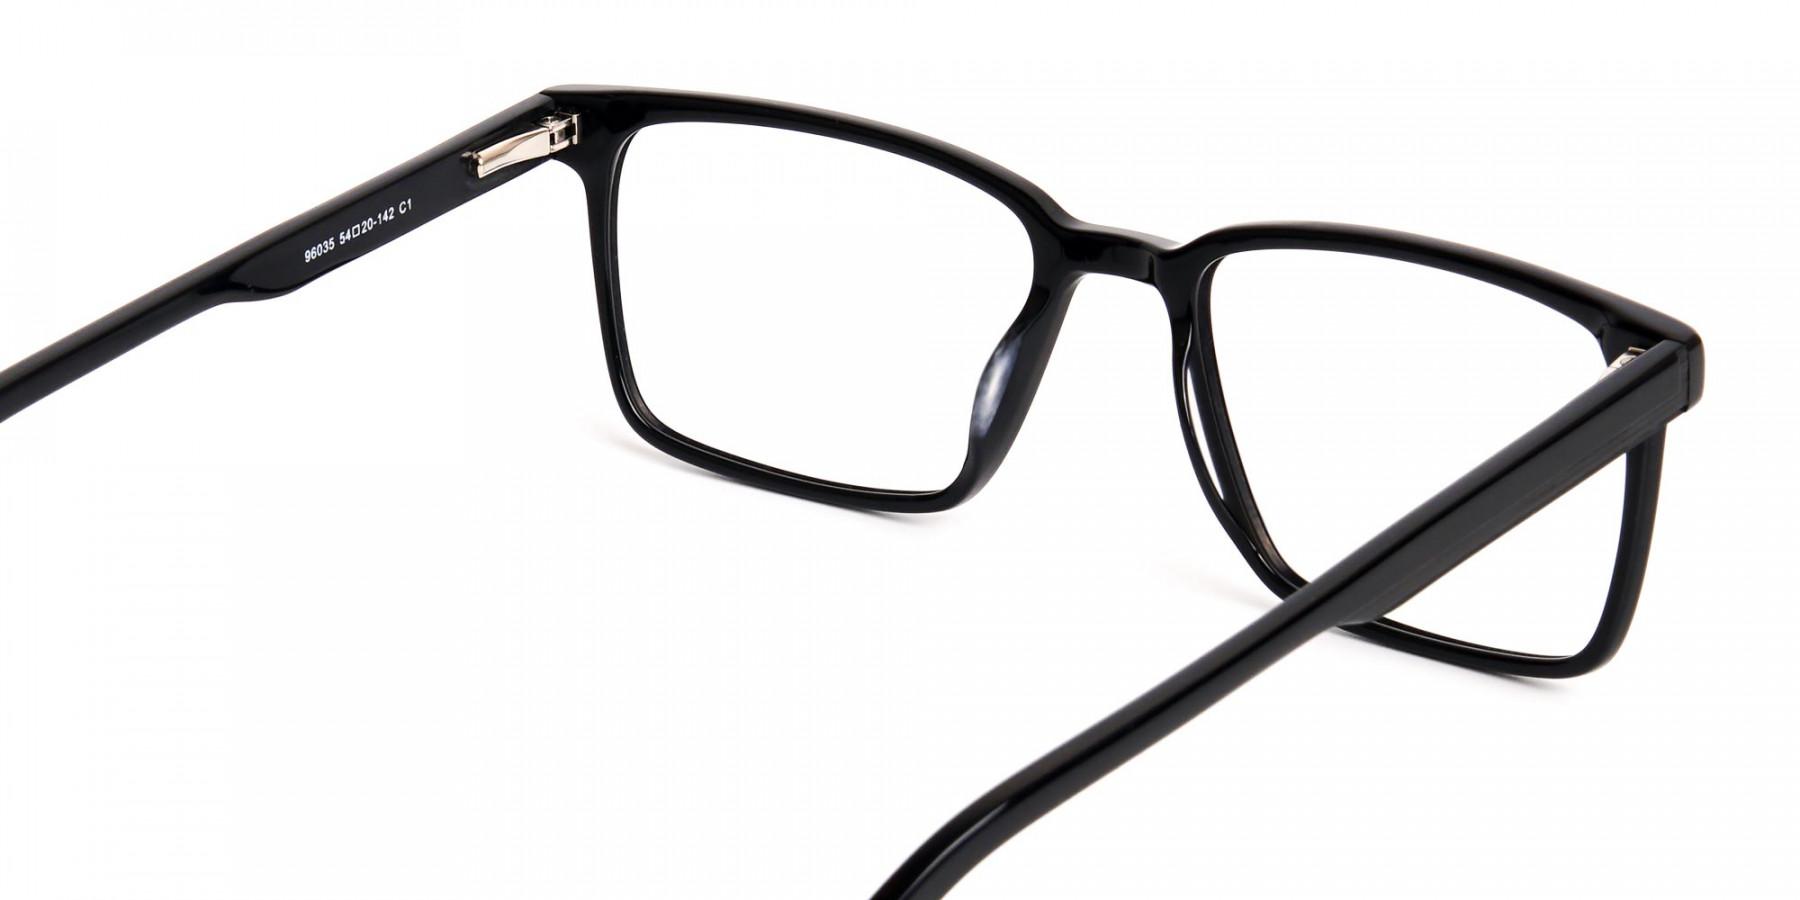 Designer-Black-Rectangular-Full-Rim-Glasses-frames-1